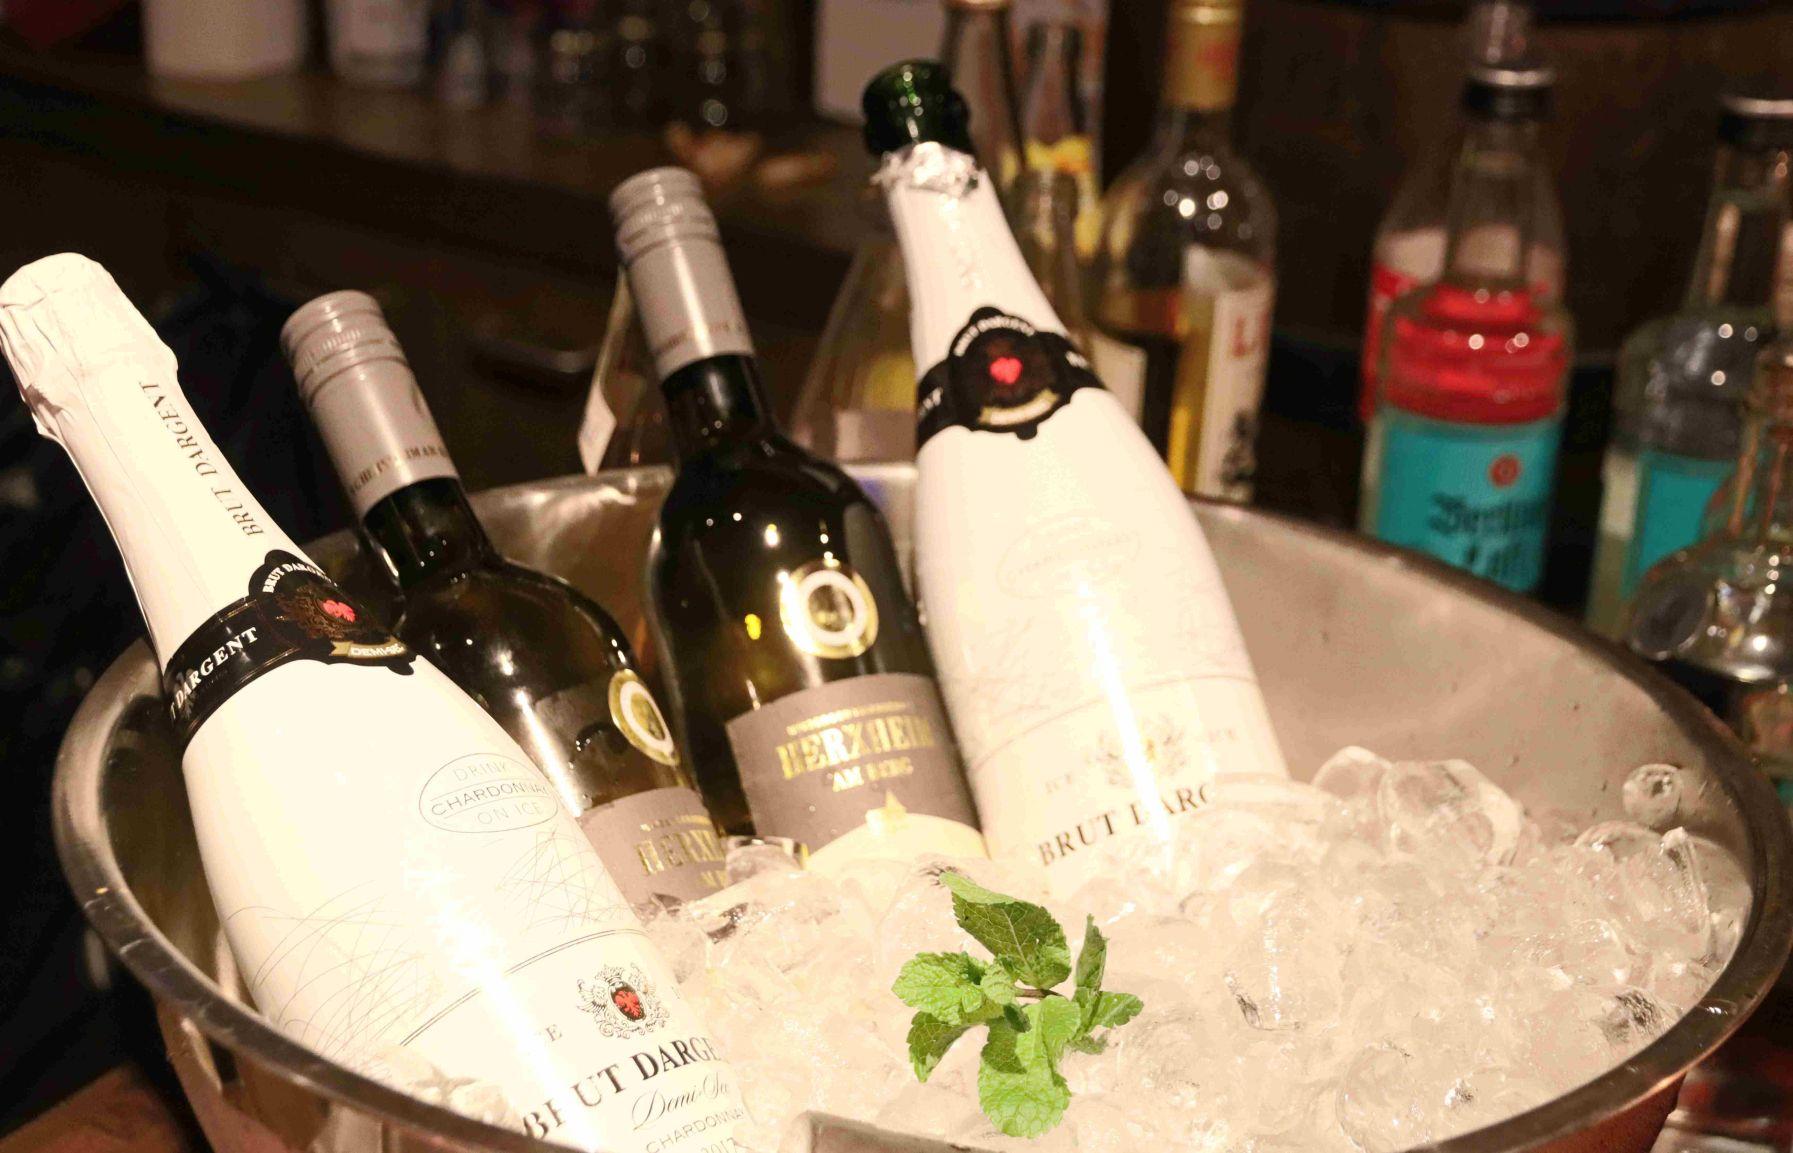 Sekt und Wein in Eis gekühlt